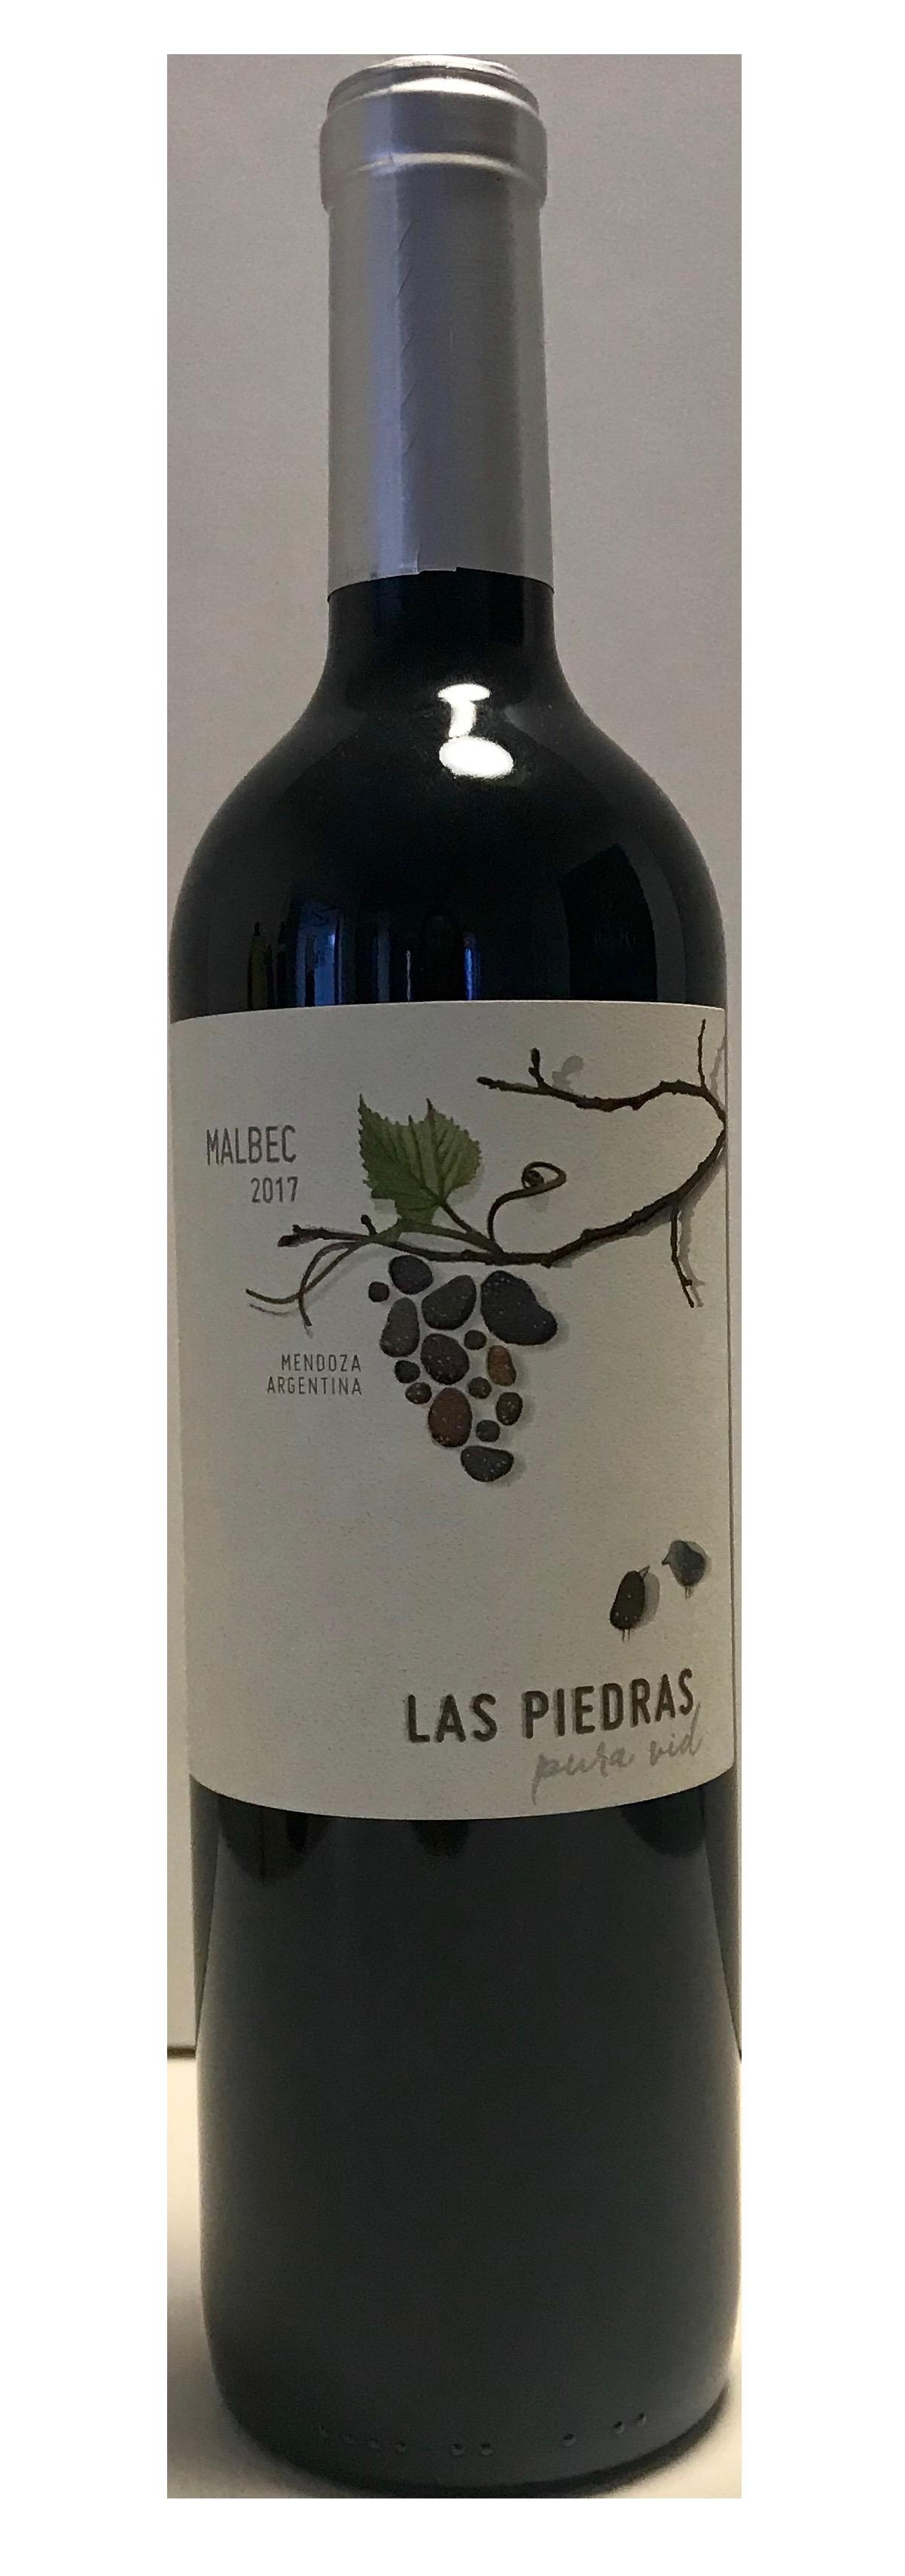 'Las Piedras' Malbec, Mendoza